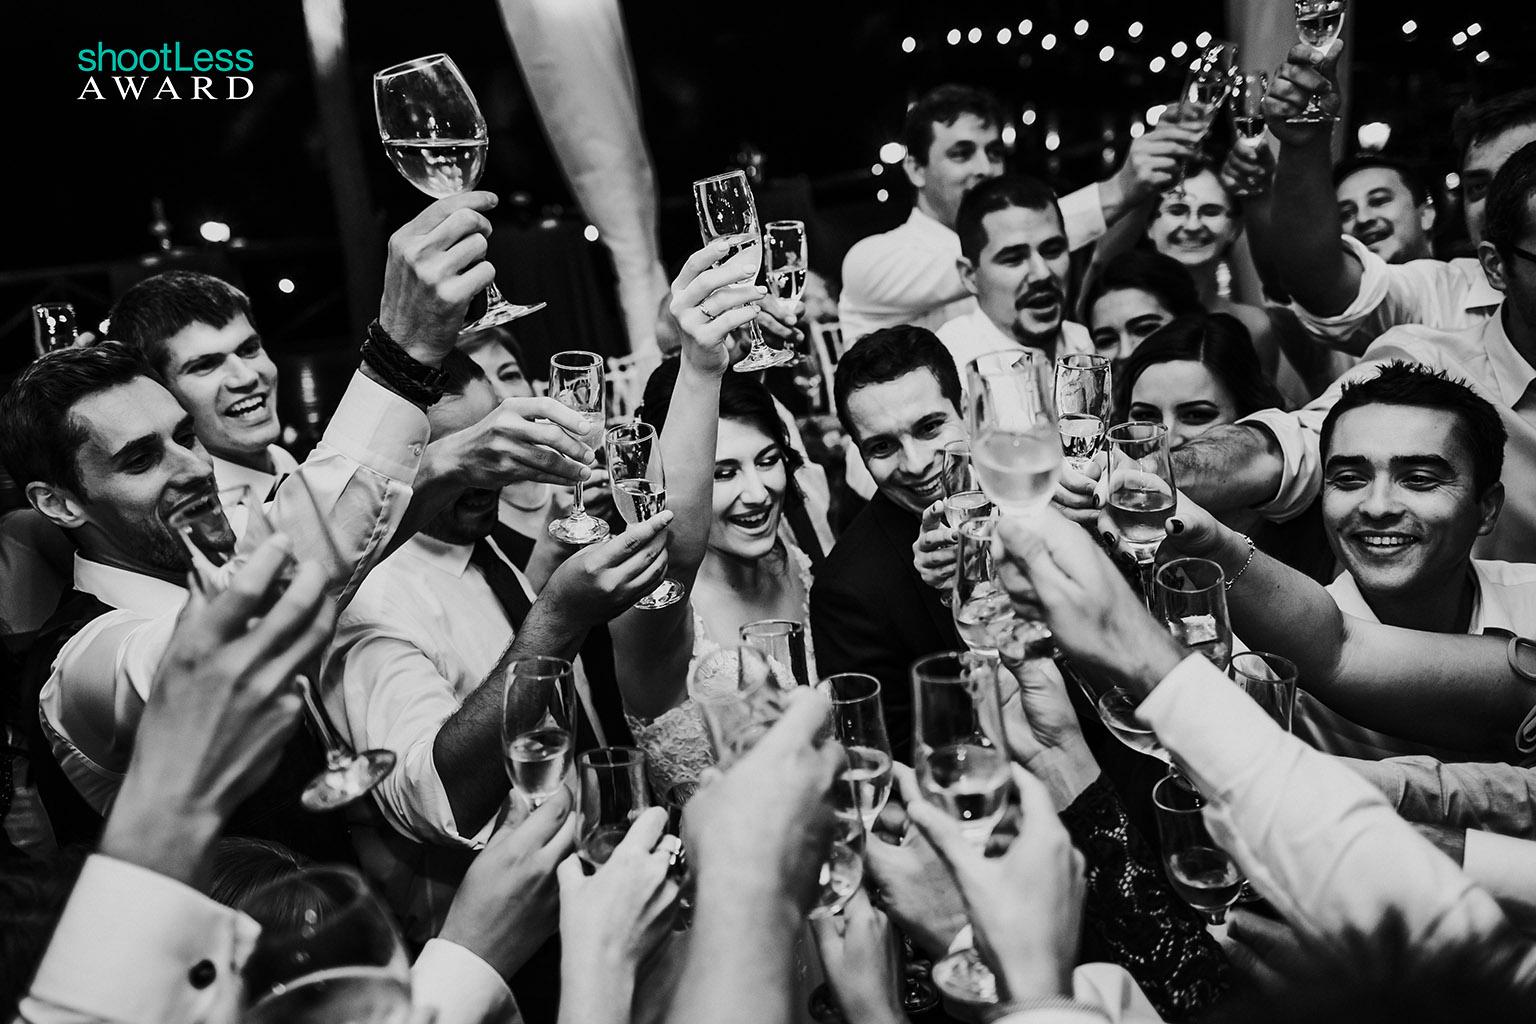 fotograf de nunta - premiu - award